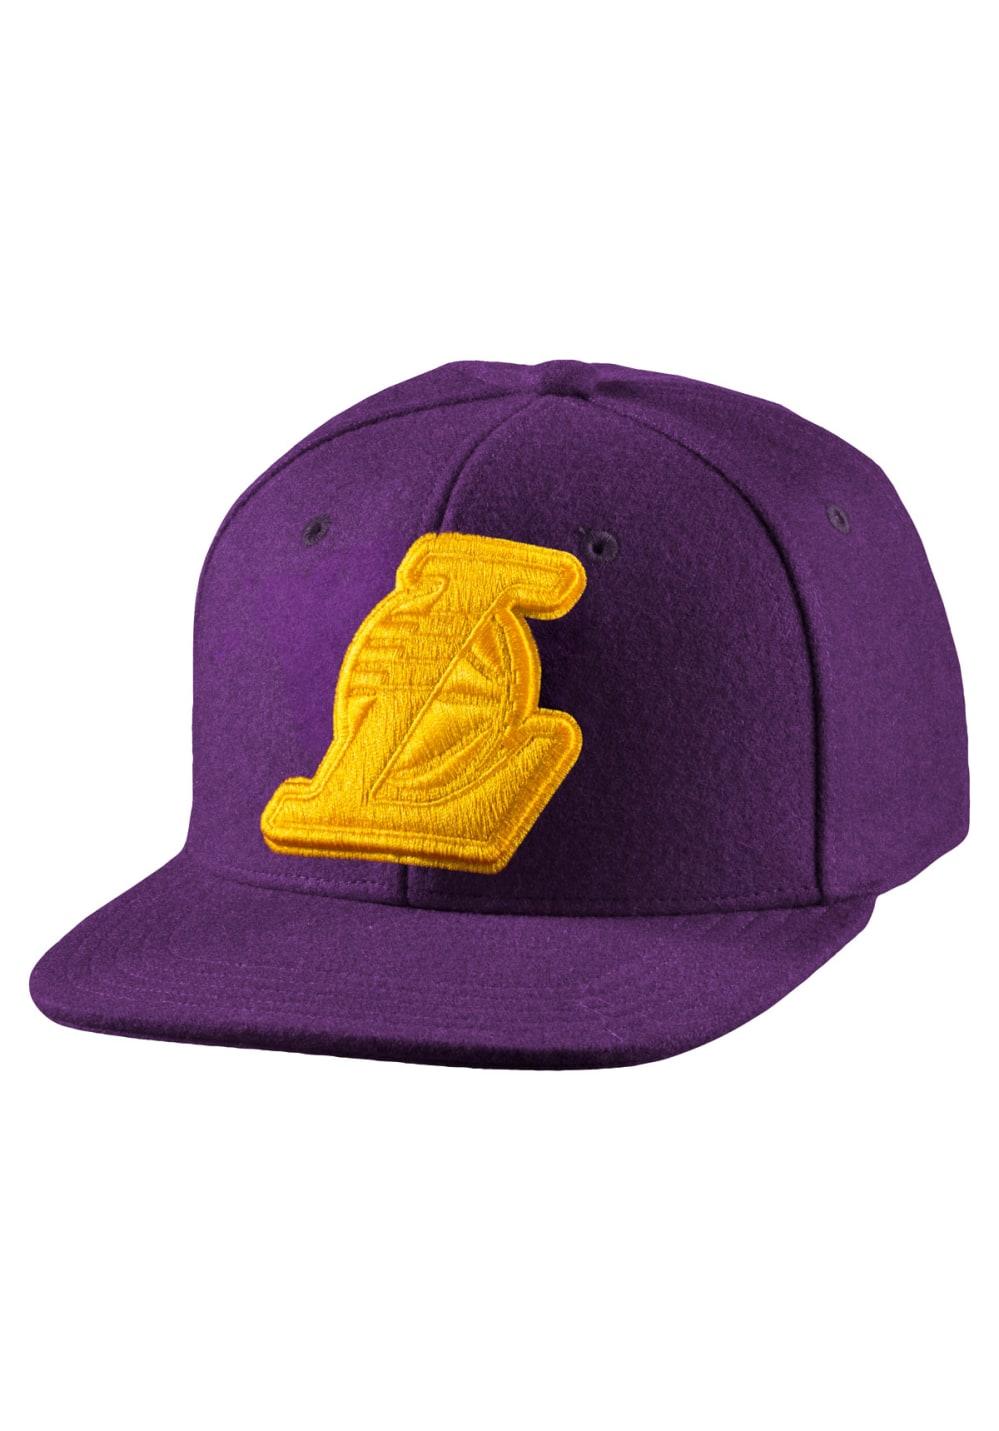 f1b0e0085b6a9 adidas Originals NBA Snapback Cap Lakers Superstar Aop - Gorros ...